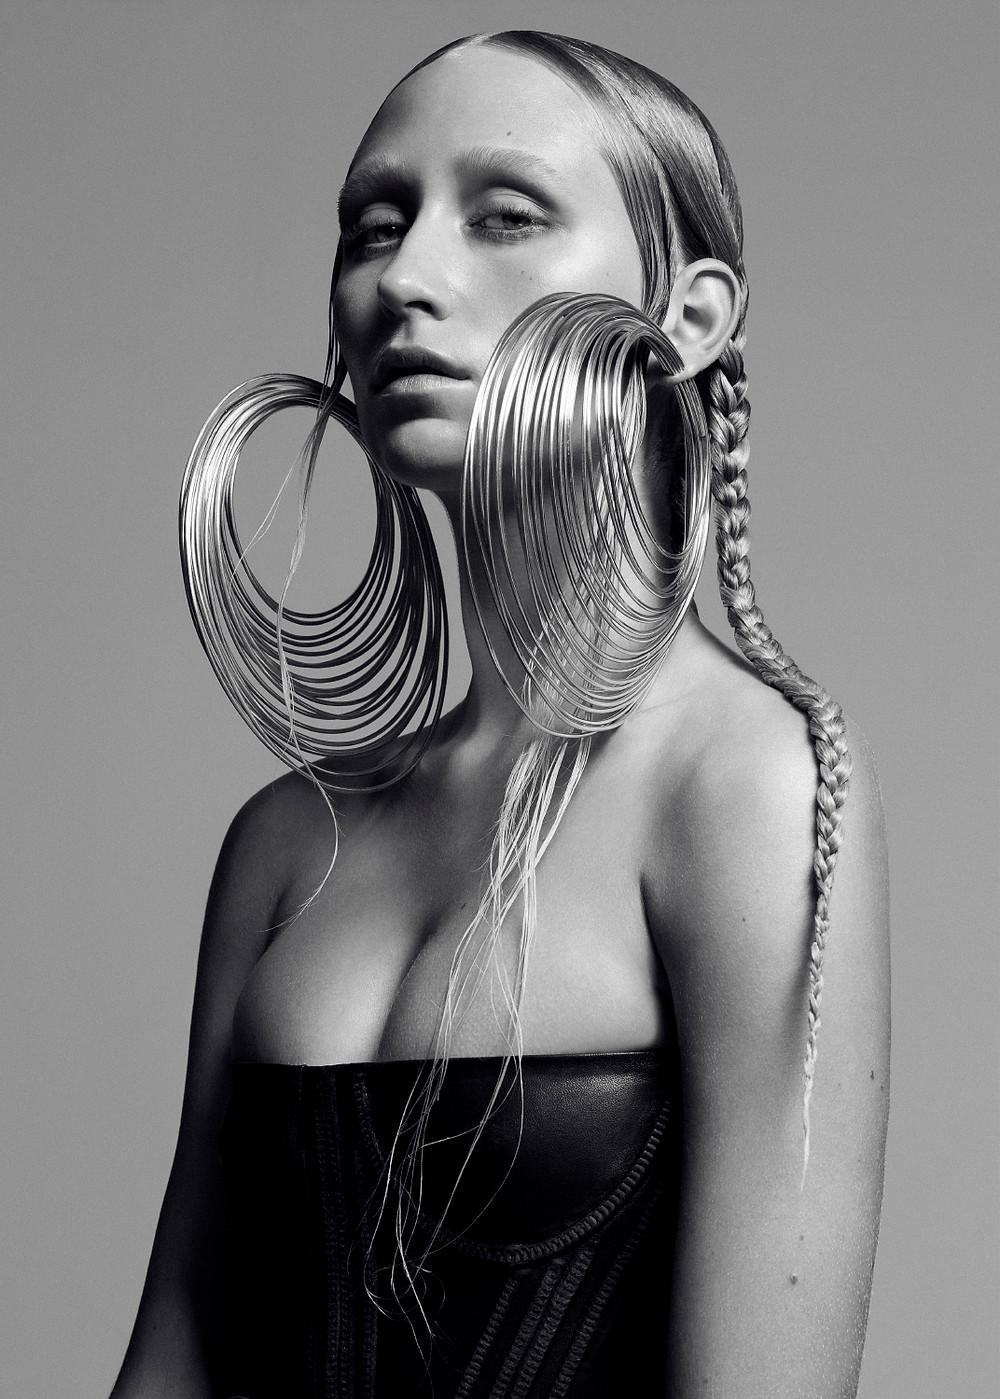 Silver Coiled Hoop Earrings by Shaun Leane. Leather corset vintage Diesel